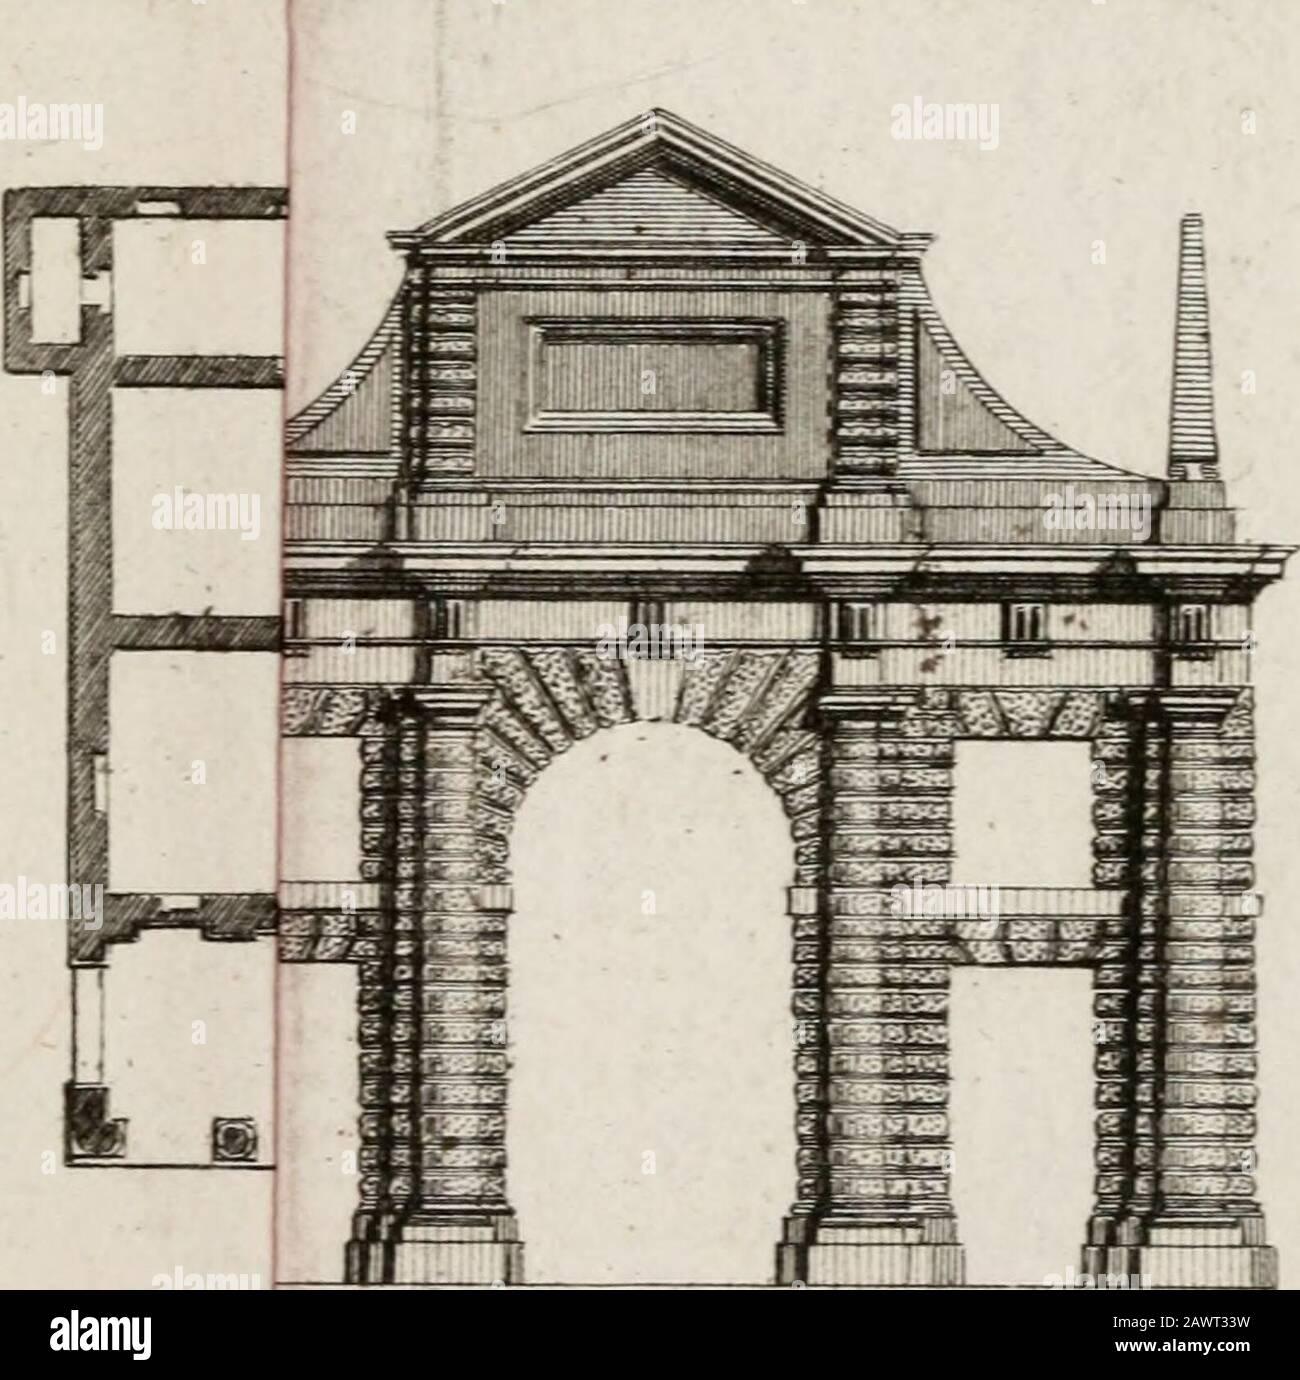 Descripción delle architetture, pitture e scolture di Vicenza, con alcune osservazioni . ìaffava Ile ri z za. 1 ali liiqrc/pp CIL / no Har ì _JS i A J liifflIfTO Jc Foto de stock